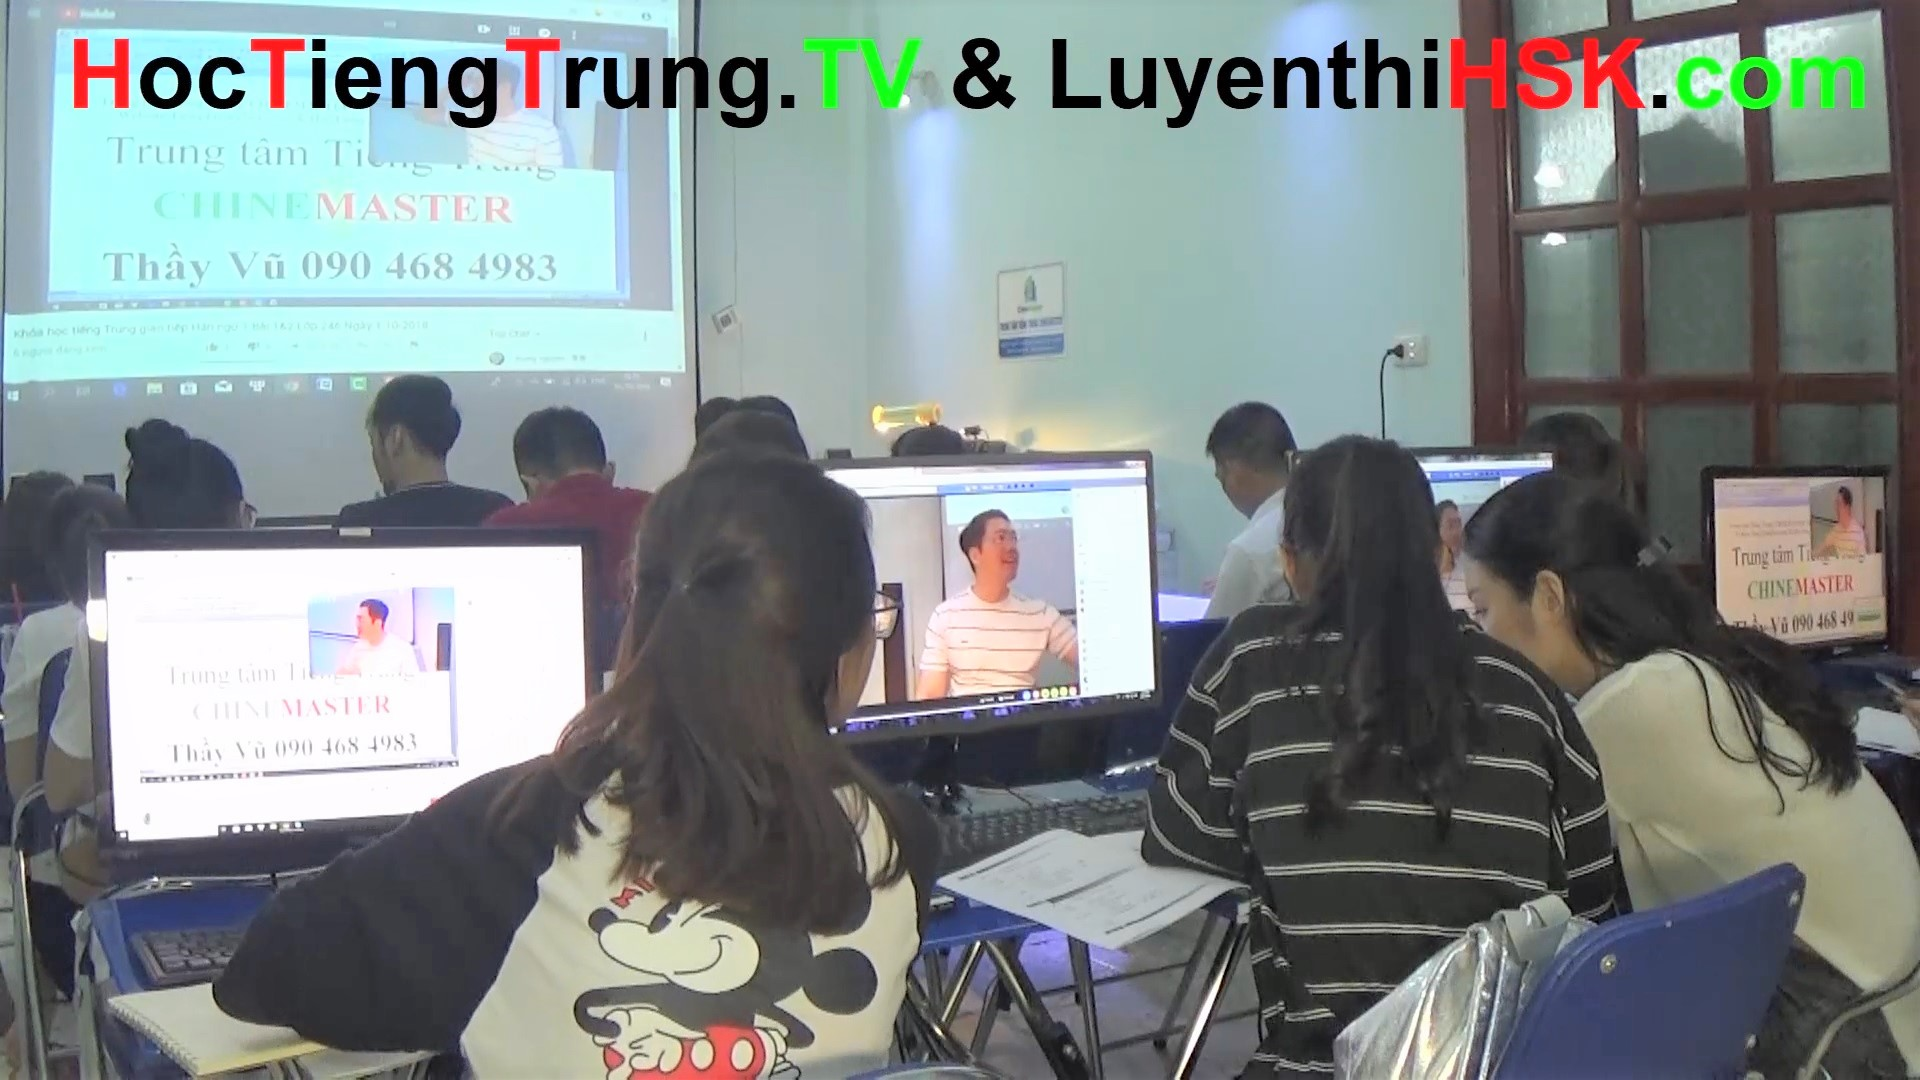 Học tiếng Trung online Thầy Vũ Trung tâm tiếng Trung ChineMaster 10